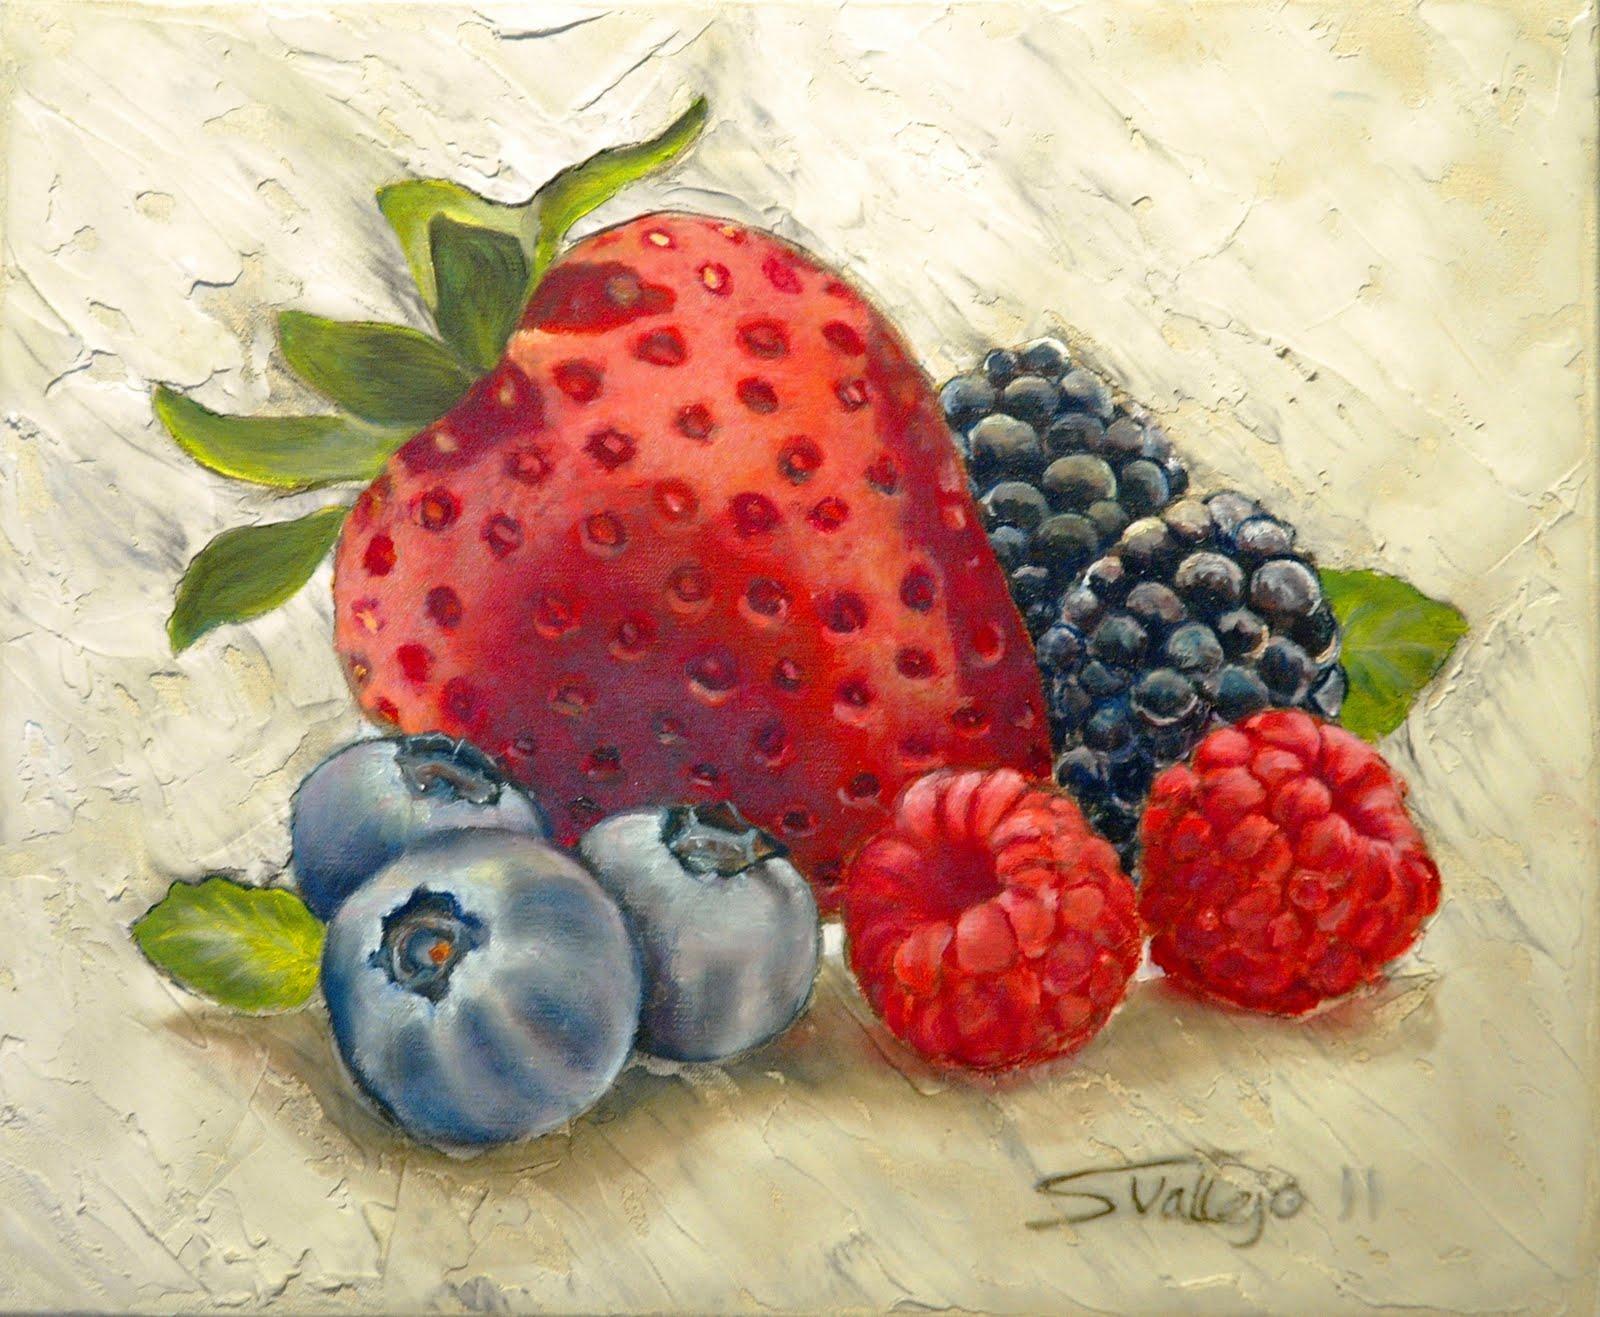 Silvia vallejo bodegones de frutas y verduras modernos - Fotos de bodegones de frutas ...